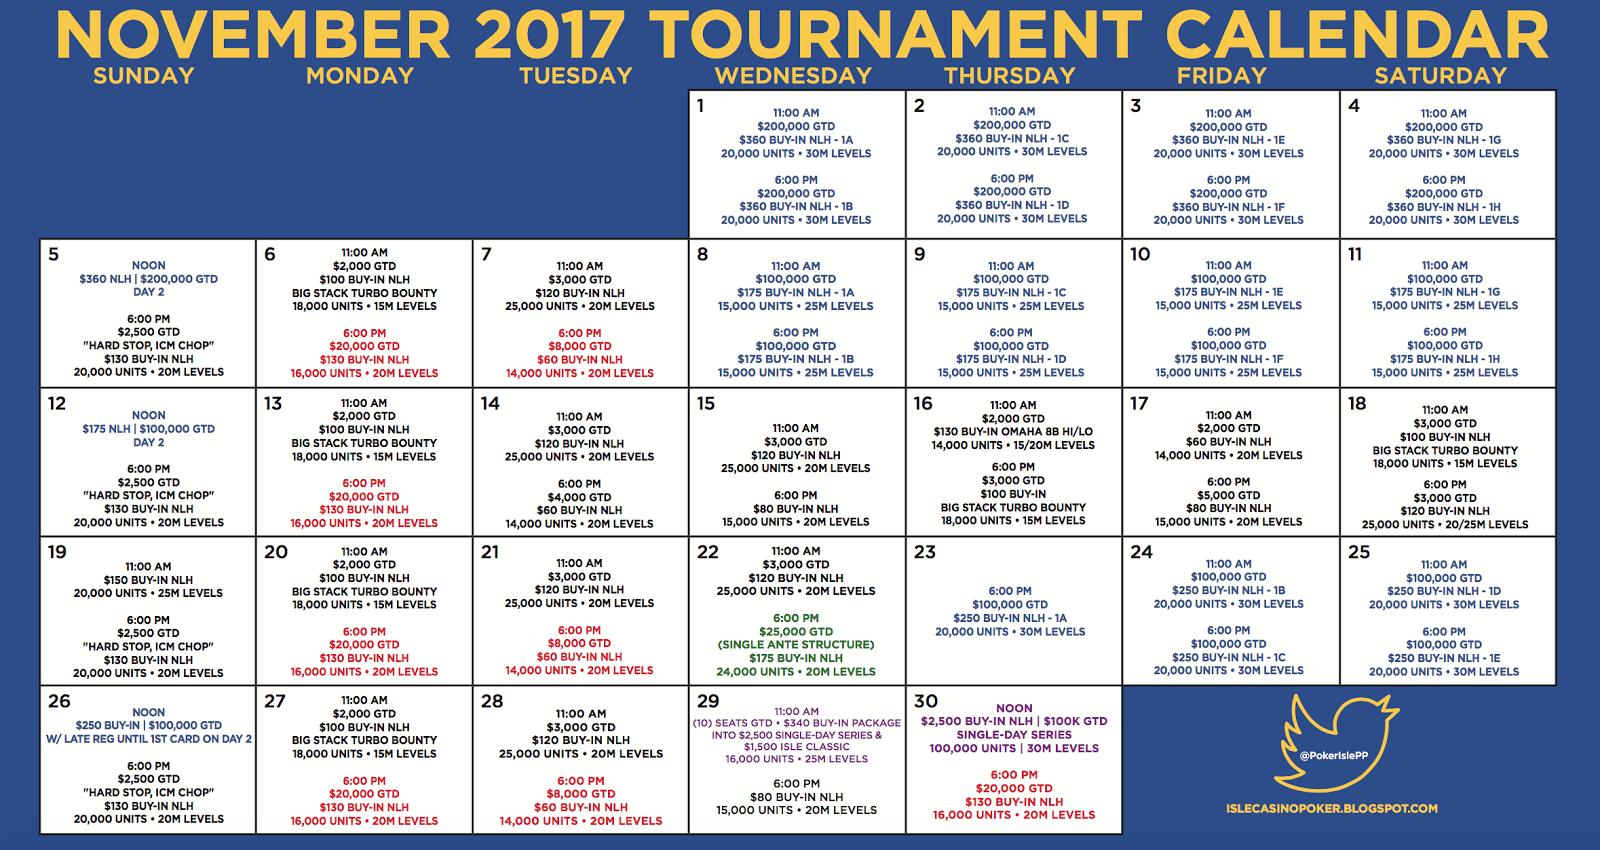 November Tournament Calendar